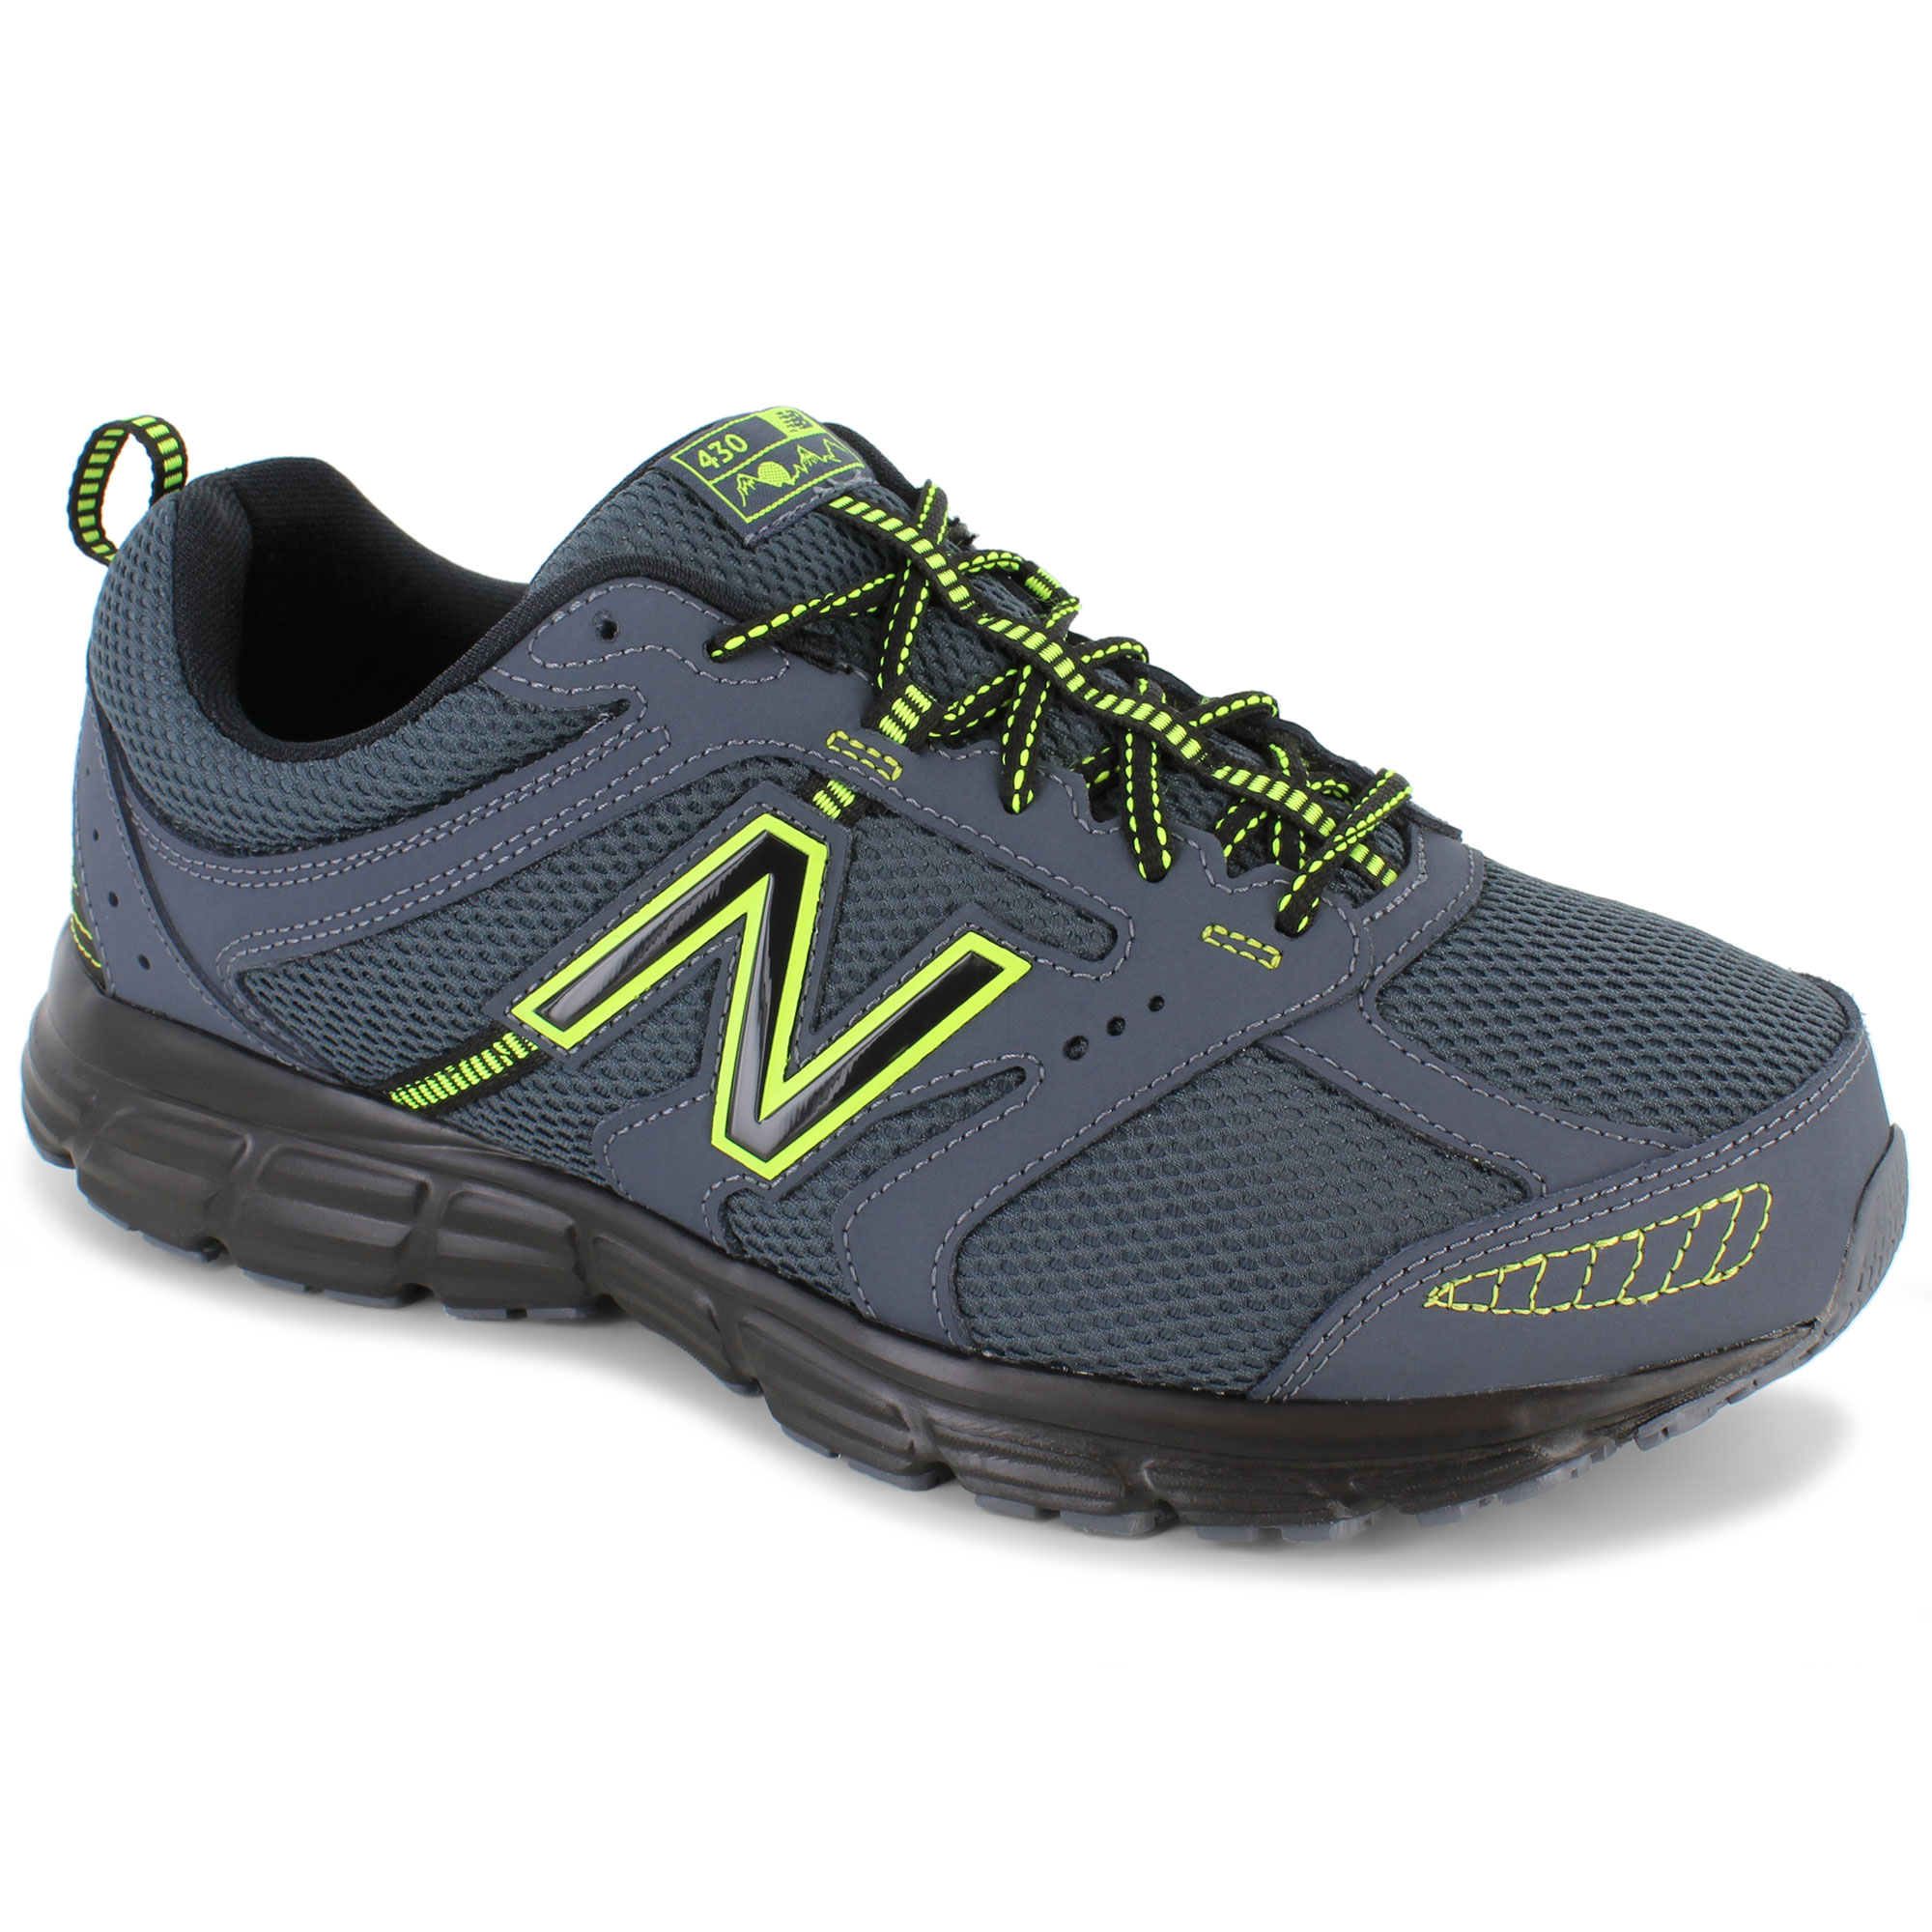 New Balance® M430 | SHOE SHOW MEGA